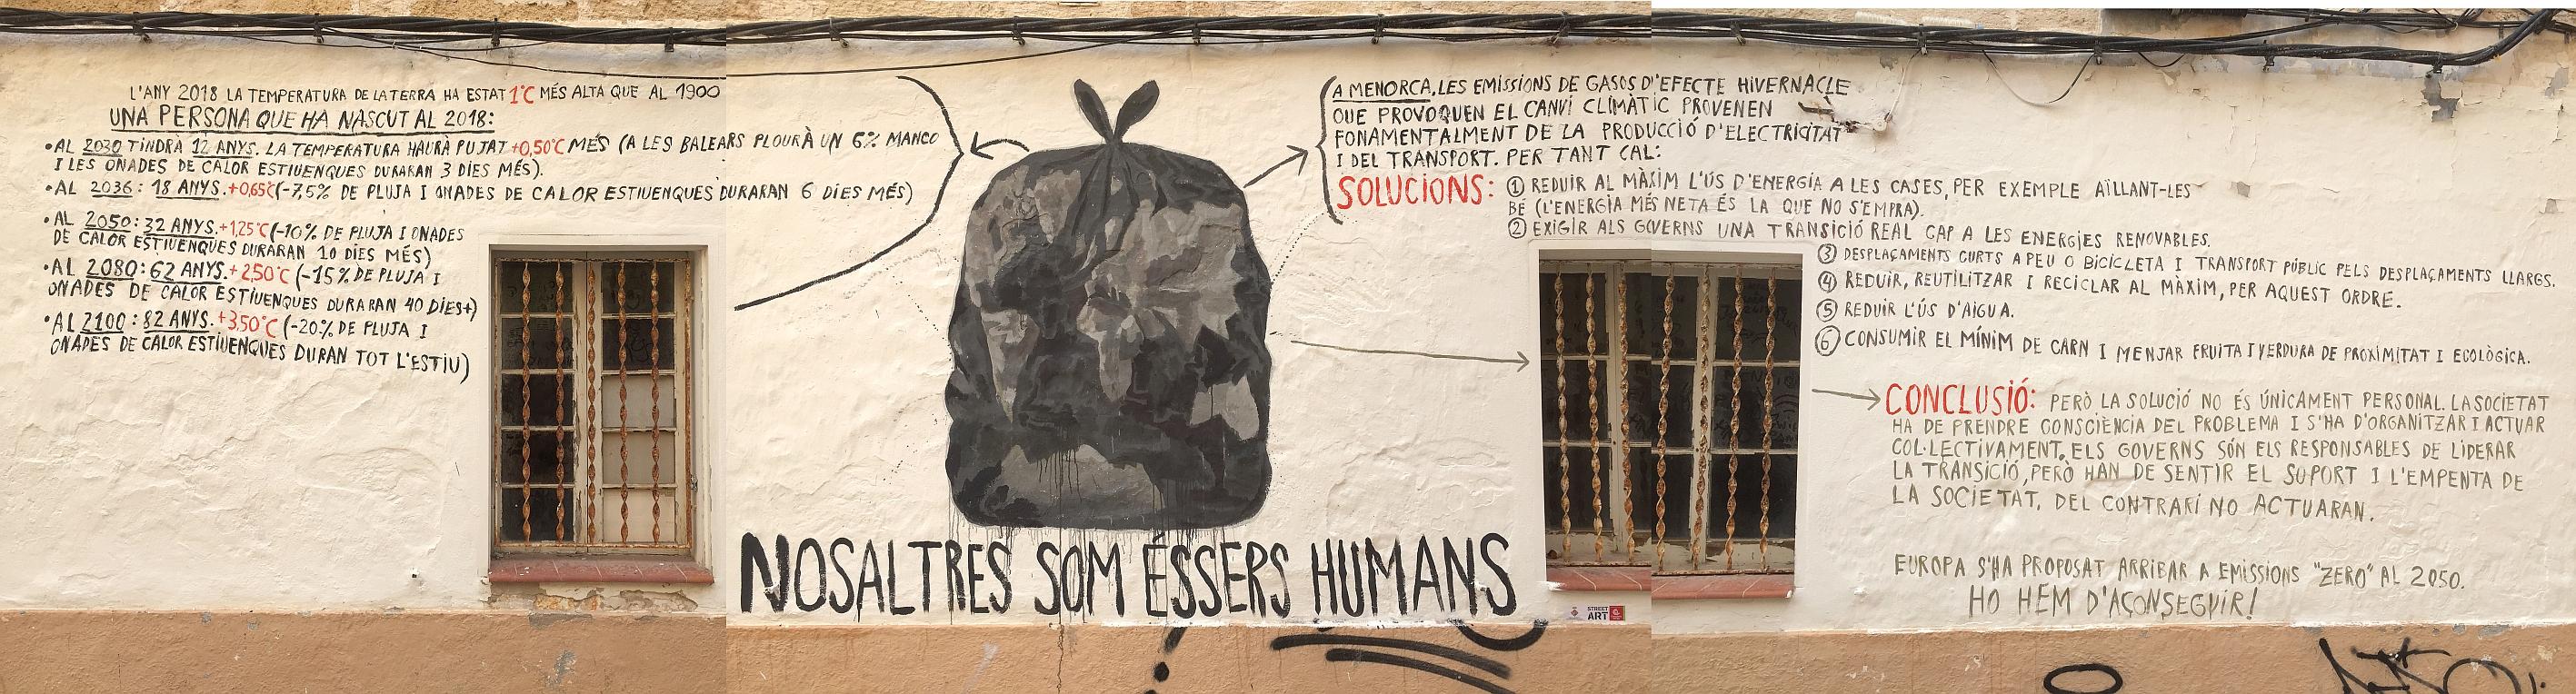 El artista Cristòfol Pons pinta un mural sobre el cambio climático en la octava edición del Festival Street Art de Ciutadella